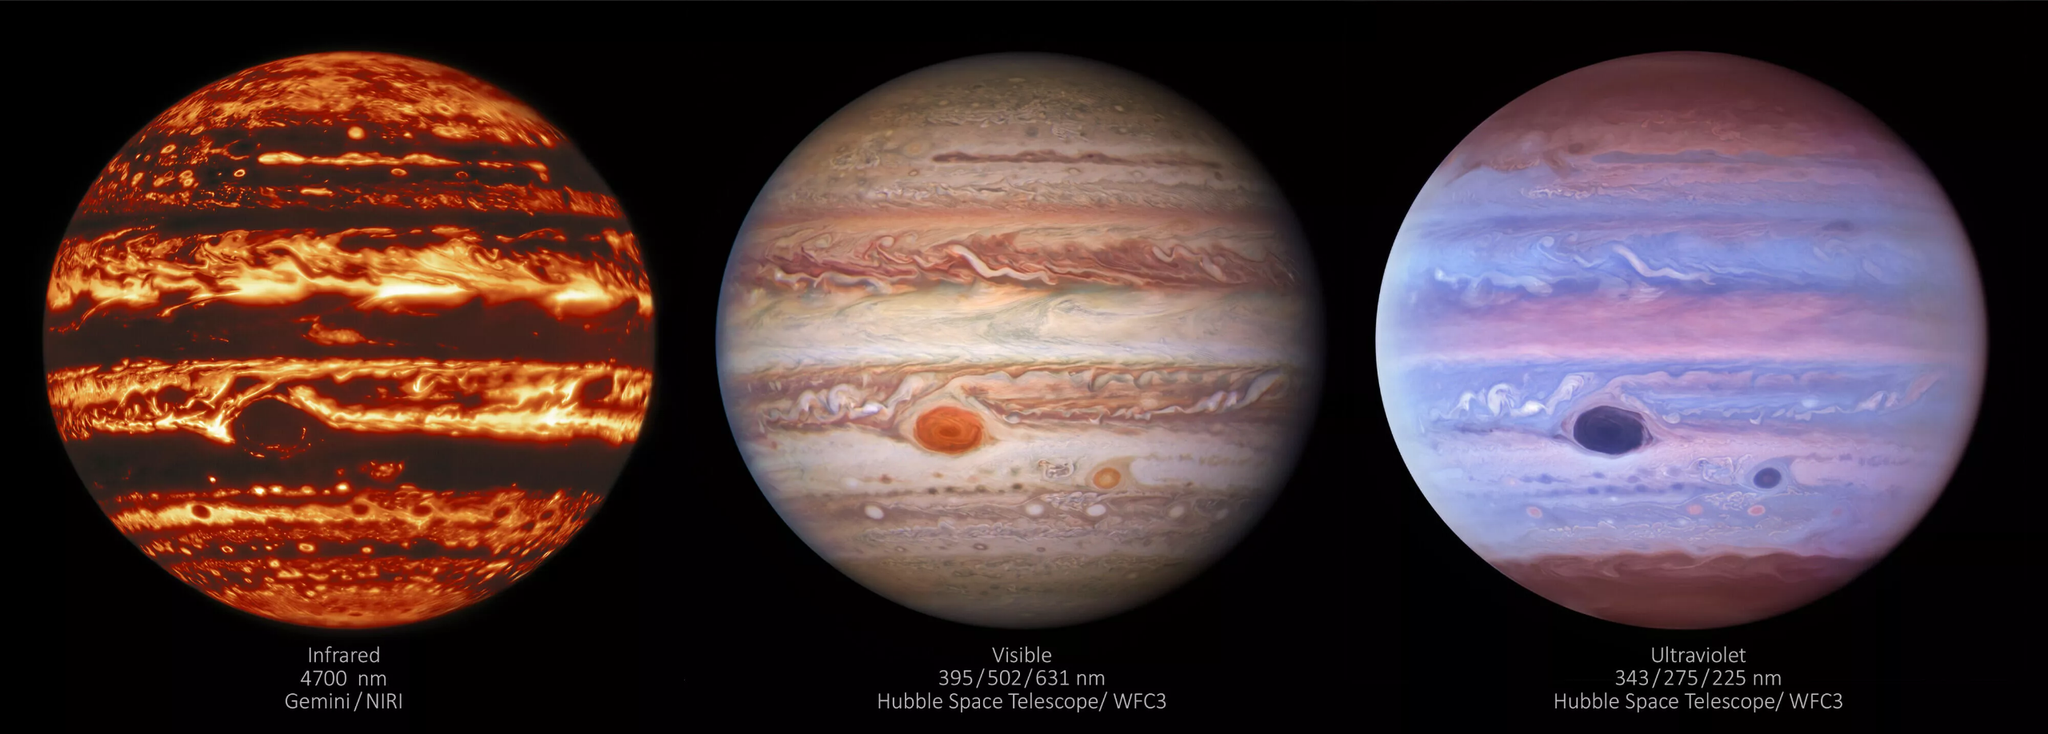 """新太空望远镜图组展示木星""""情绪环"""""""